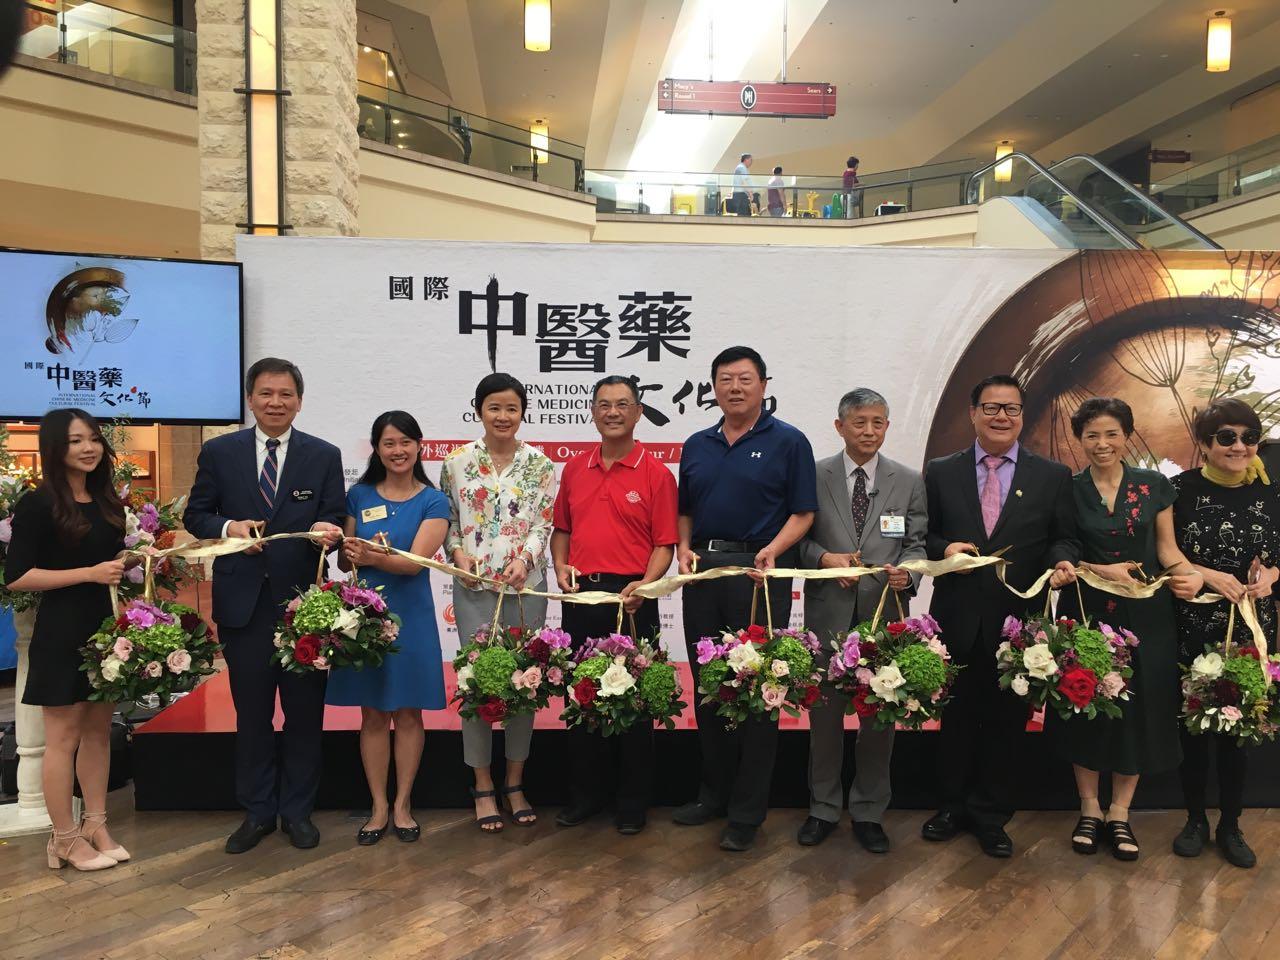 國際中醫藥文化節海外巡迴展第二站30日在工業市的Puente商場舉行。記者張筱童攝